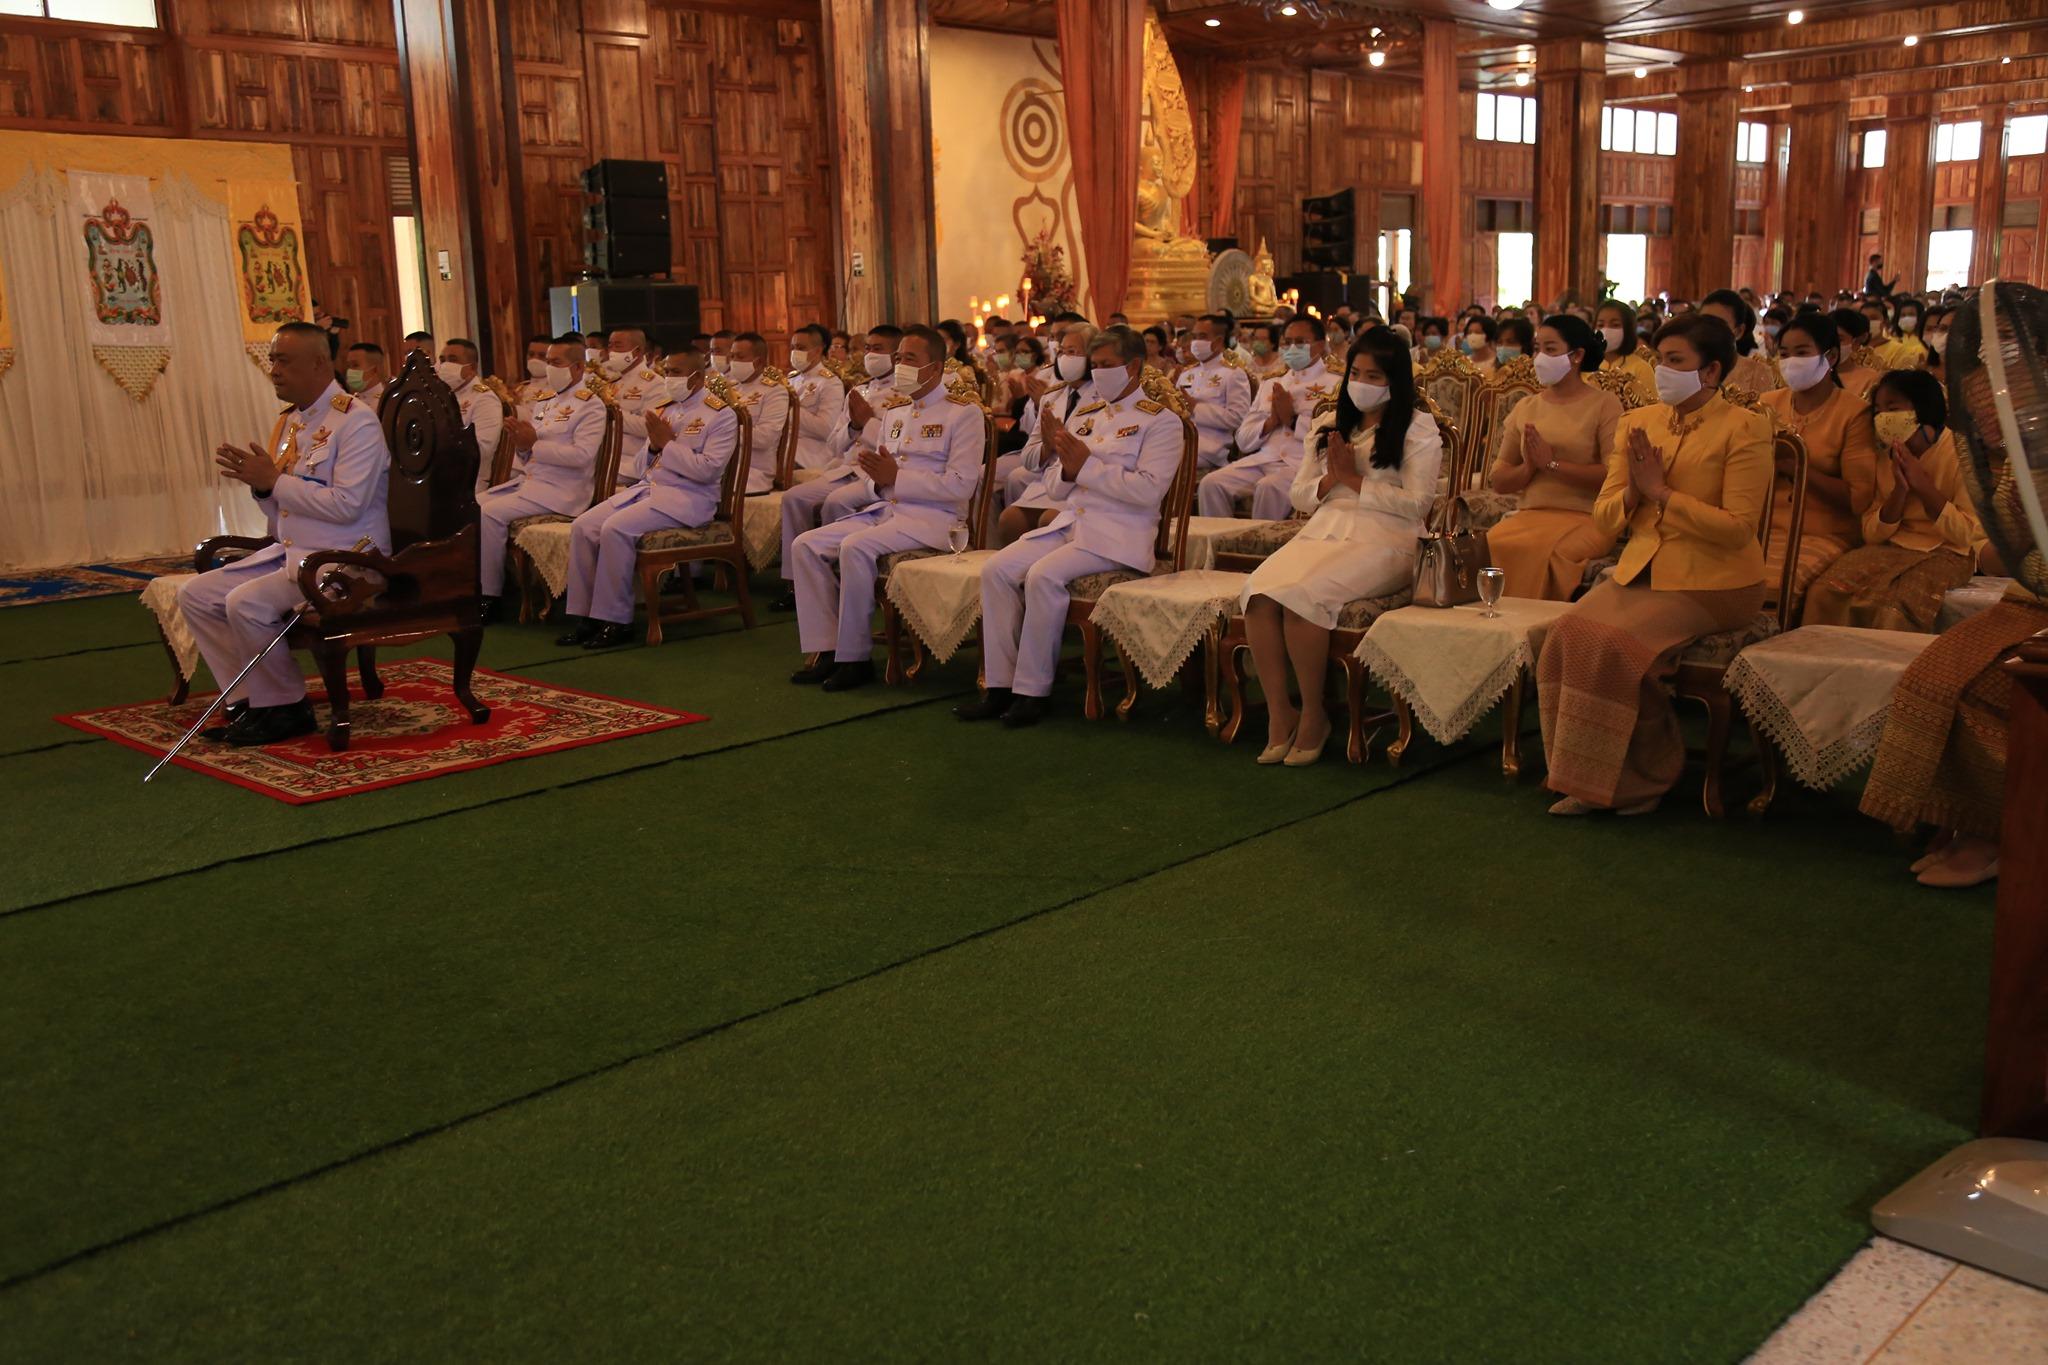 พิธีถวายผ้าพระกฐินพระราชทาน ประจำปีพุทธศักราช 2563